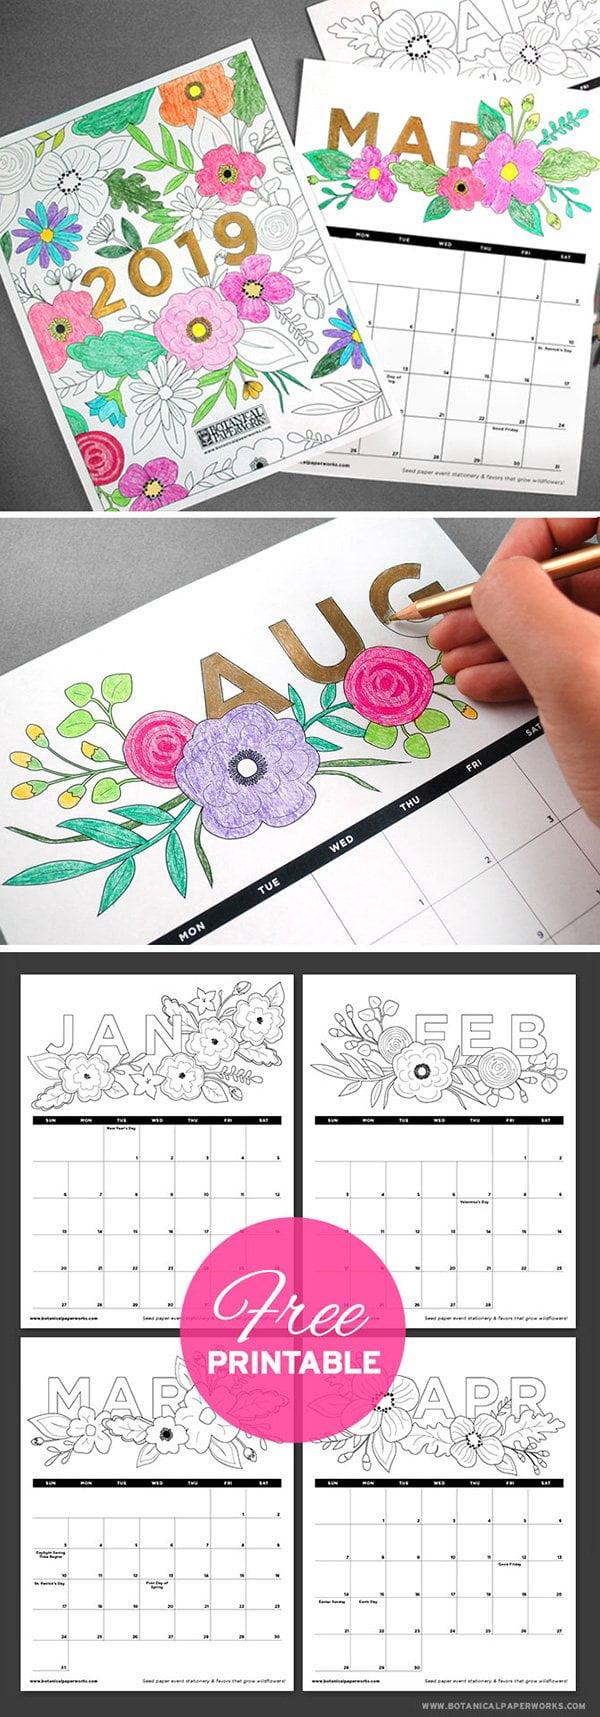 Coloring Book Calender 2019: Free Printable by Botanical Paperworks (Hey Pretty Roundup der schönsten Jahreskalender 2019)